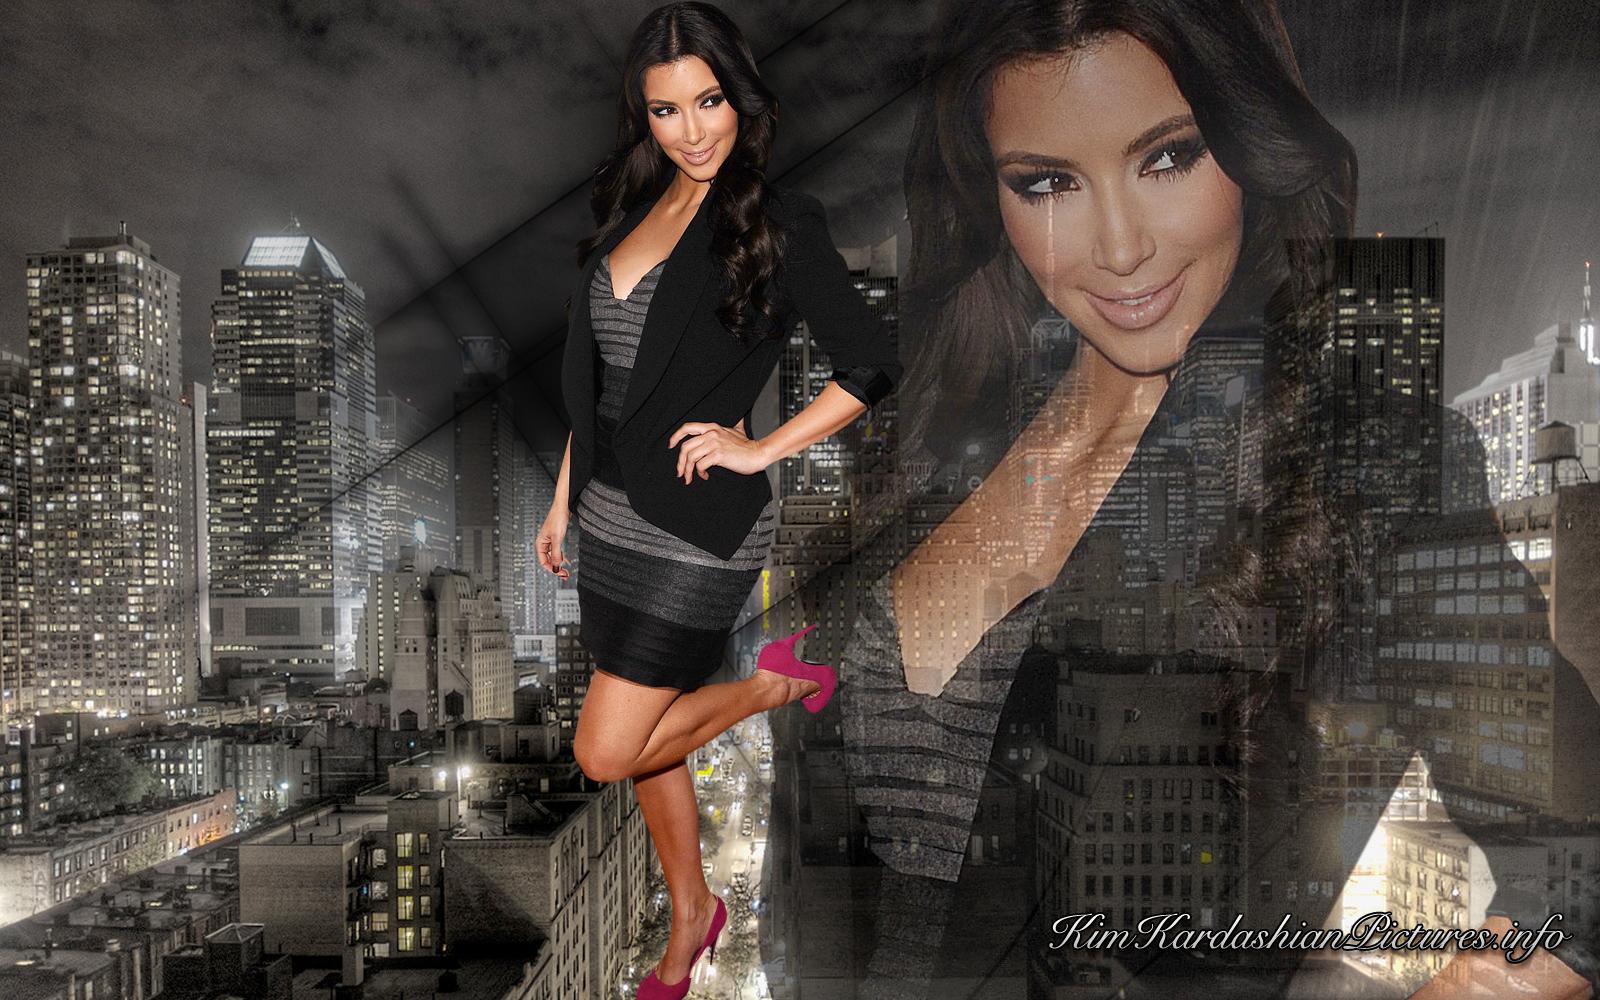 kim kardashian wallpaper 10jpg 1600x1000